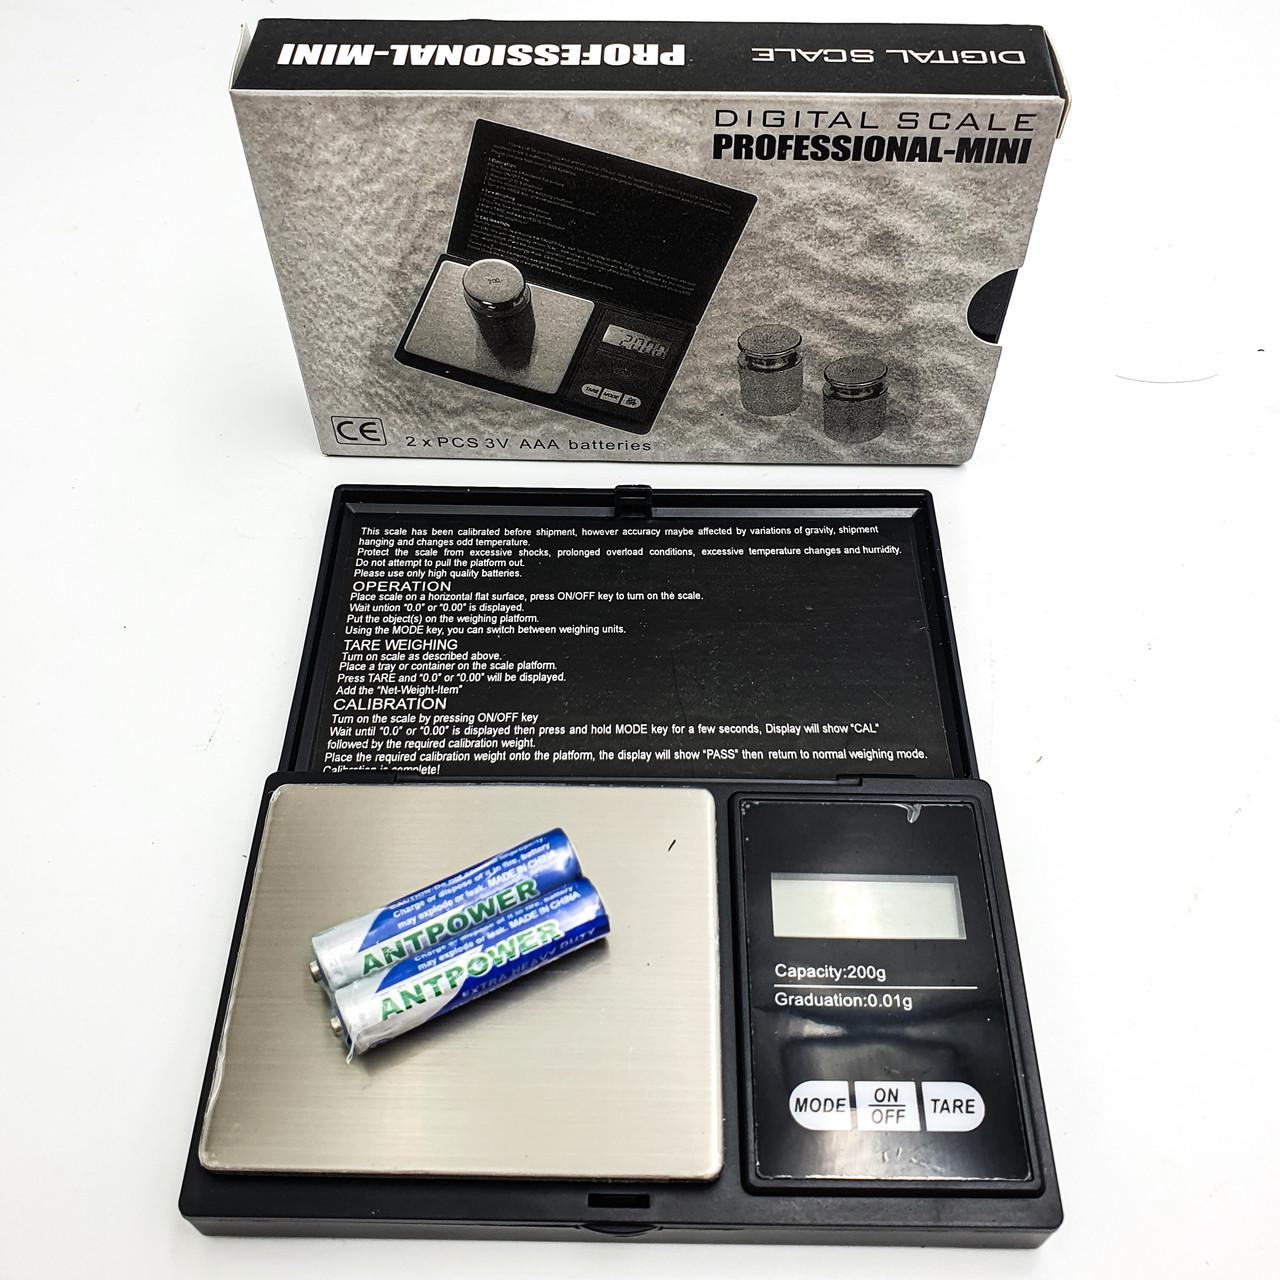 Ювелірні електронні ваги аптекарські з LCD дисплеєм поділ 0.01 г до 200 р UKC 7019